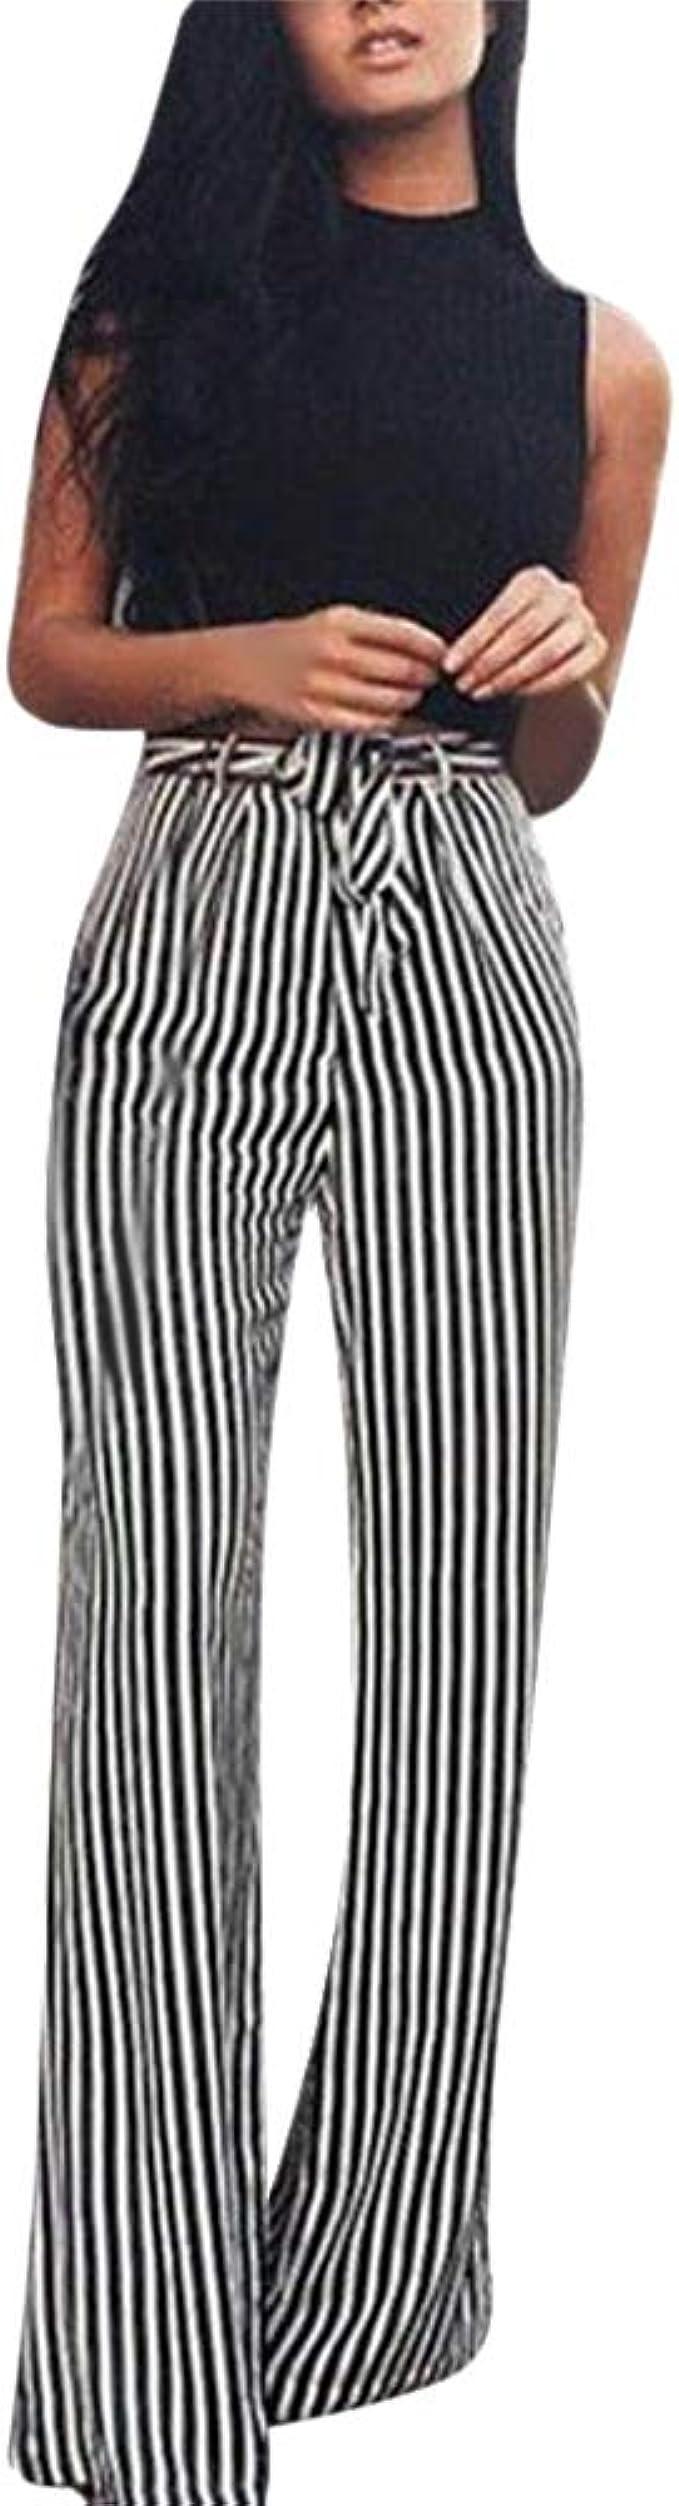 Amazon.com: Pantalones para mujer de estilo casual Palazzo ...